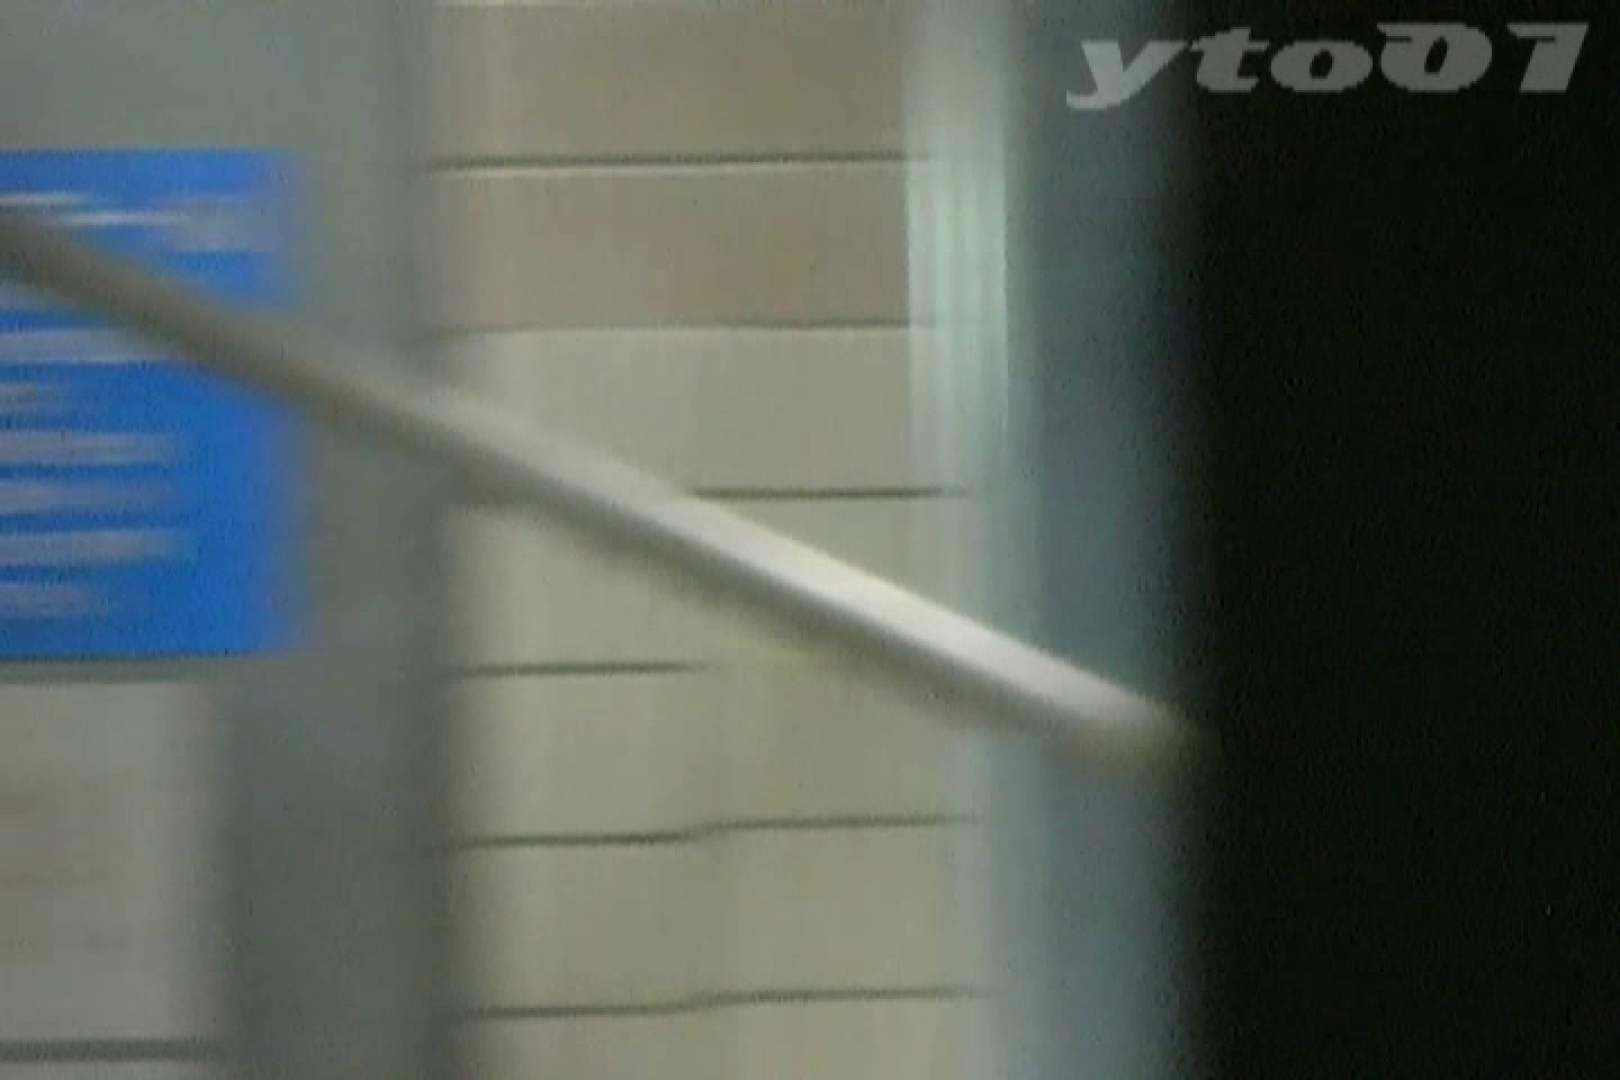 ▲復活限定▲合宿ホテル女風呂盗撮 Vol.04 盗撮 AV無料 99PIX 51